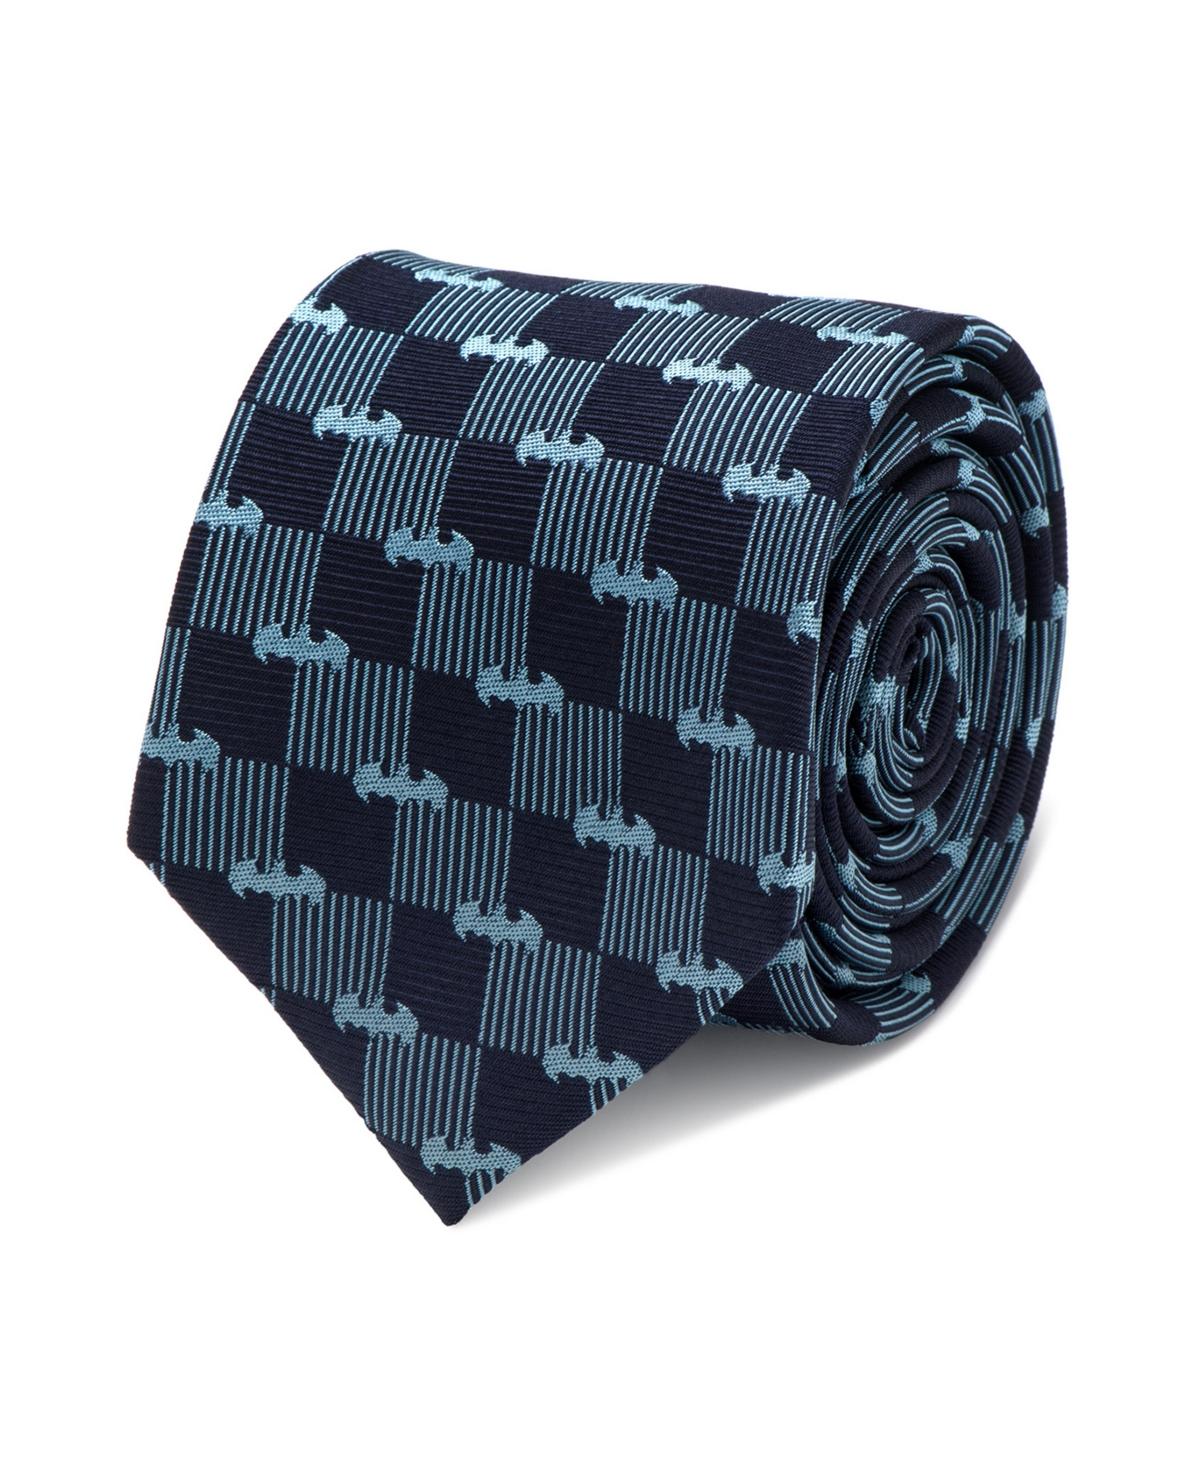 Dc Comics Batman Men's Tie